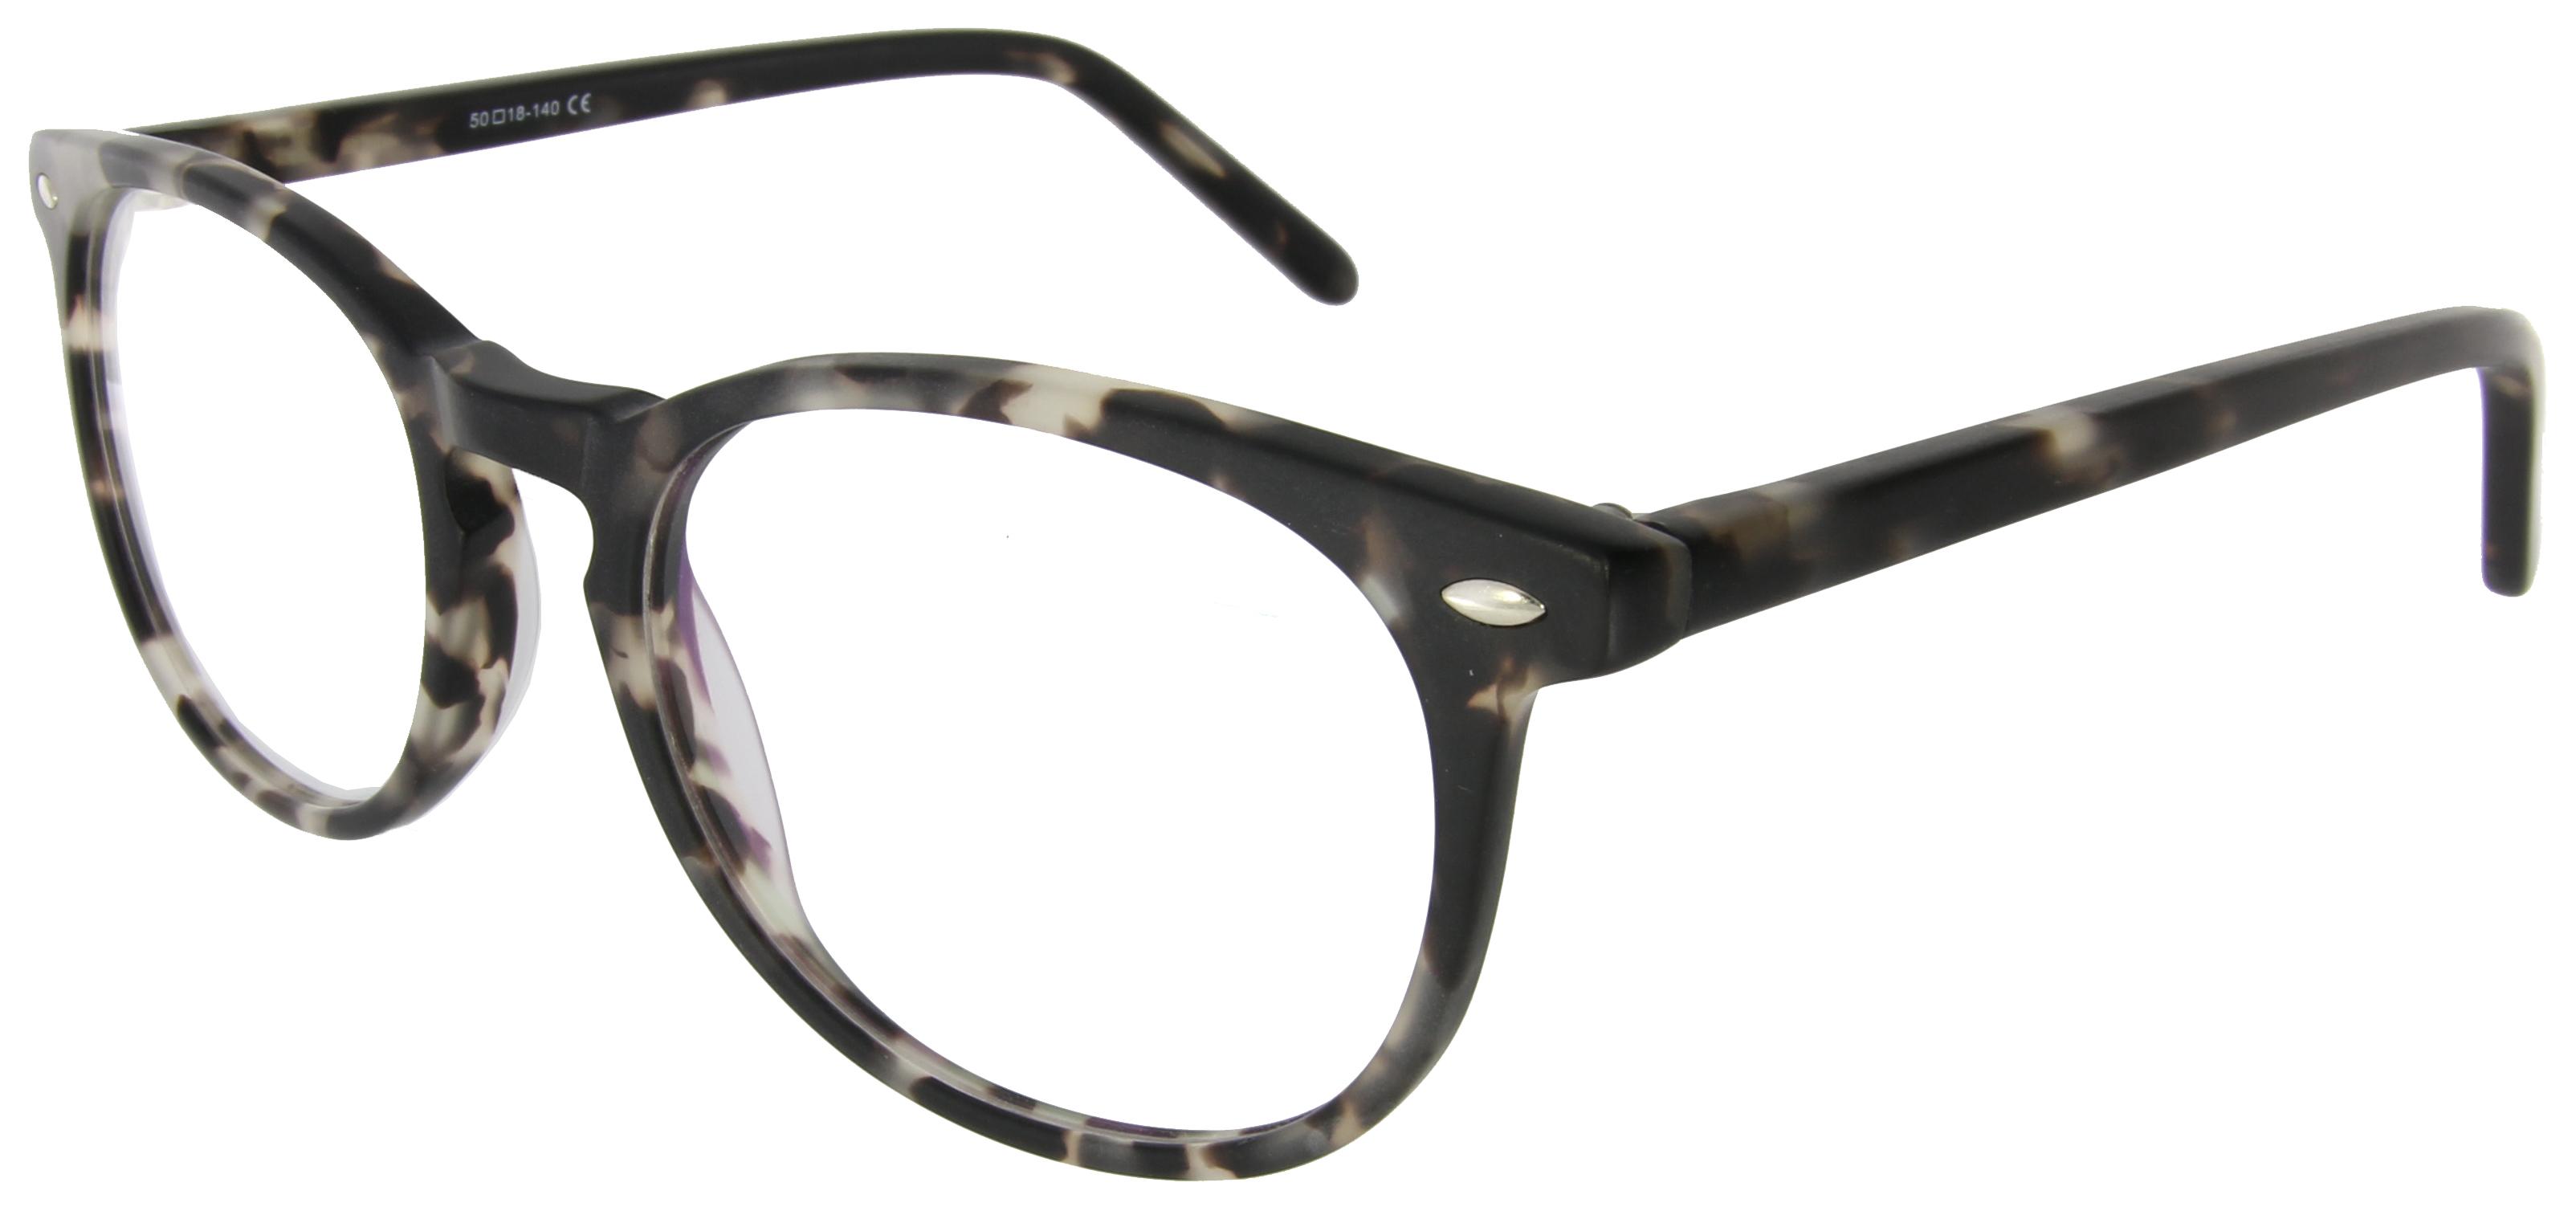 Gemütlich Rundbrillenrahmen Schildpatt Bilder - Benutzerdefinierte ...